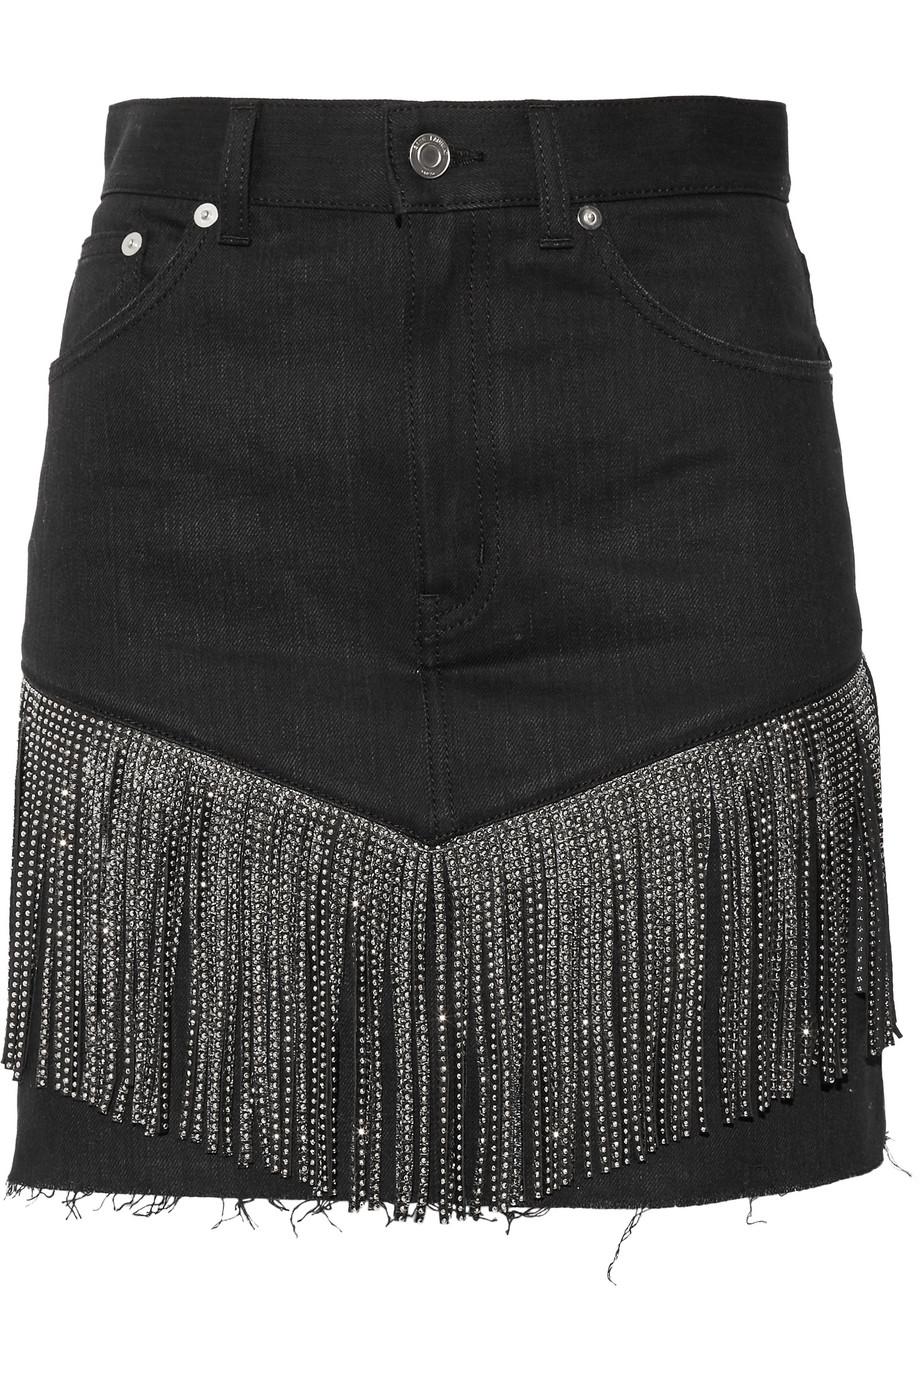 Saint Laurent Studded Leather-Fringed Denim Mini Skirt, Black, Women's, Size: 25